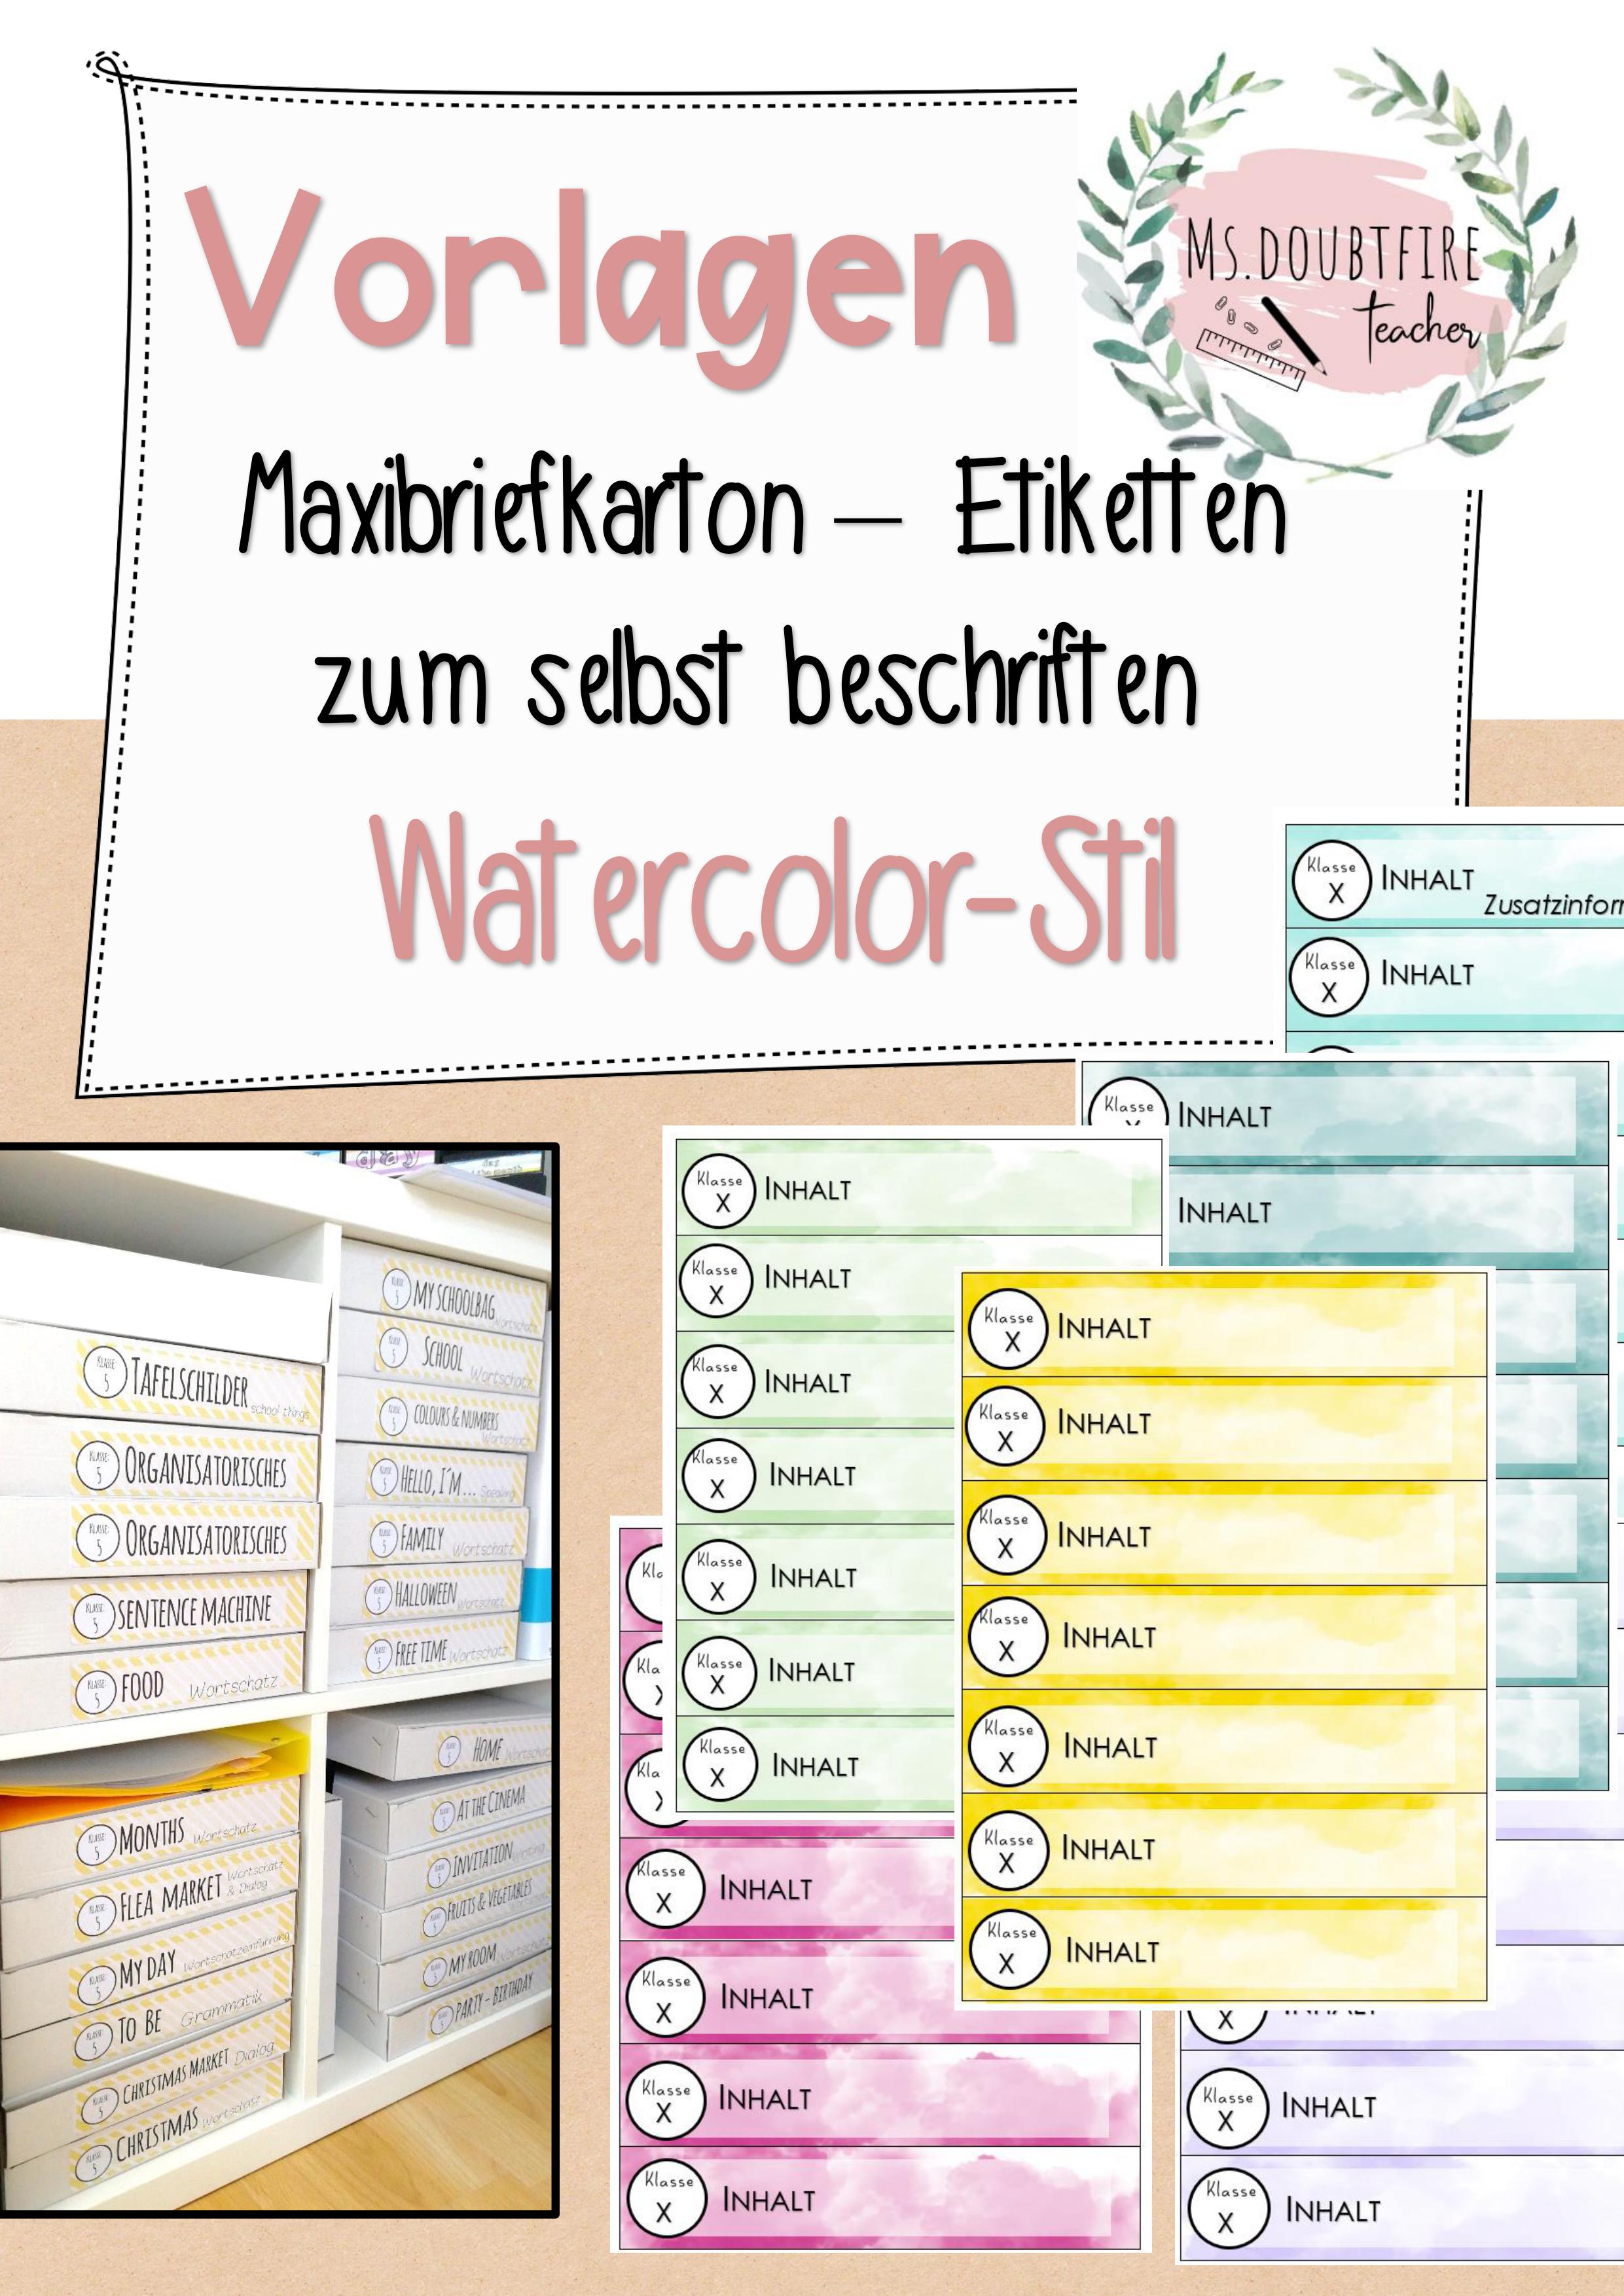 Etiketten Maxibriefkartons Watercolor Stil 7 Vorlagen Zum Selbst Beschriften Unterrichtsmaterial Im Fach Fachubergreifendes Brief Vorlagen Karton